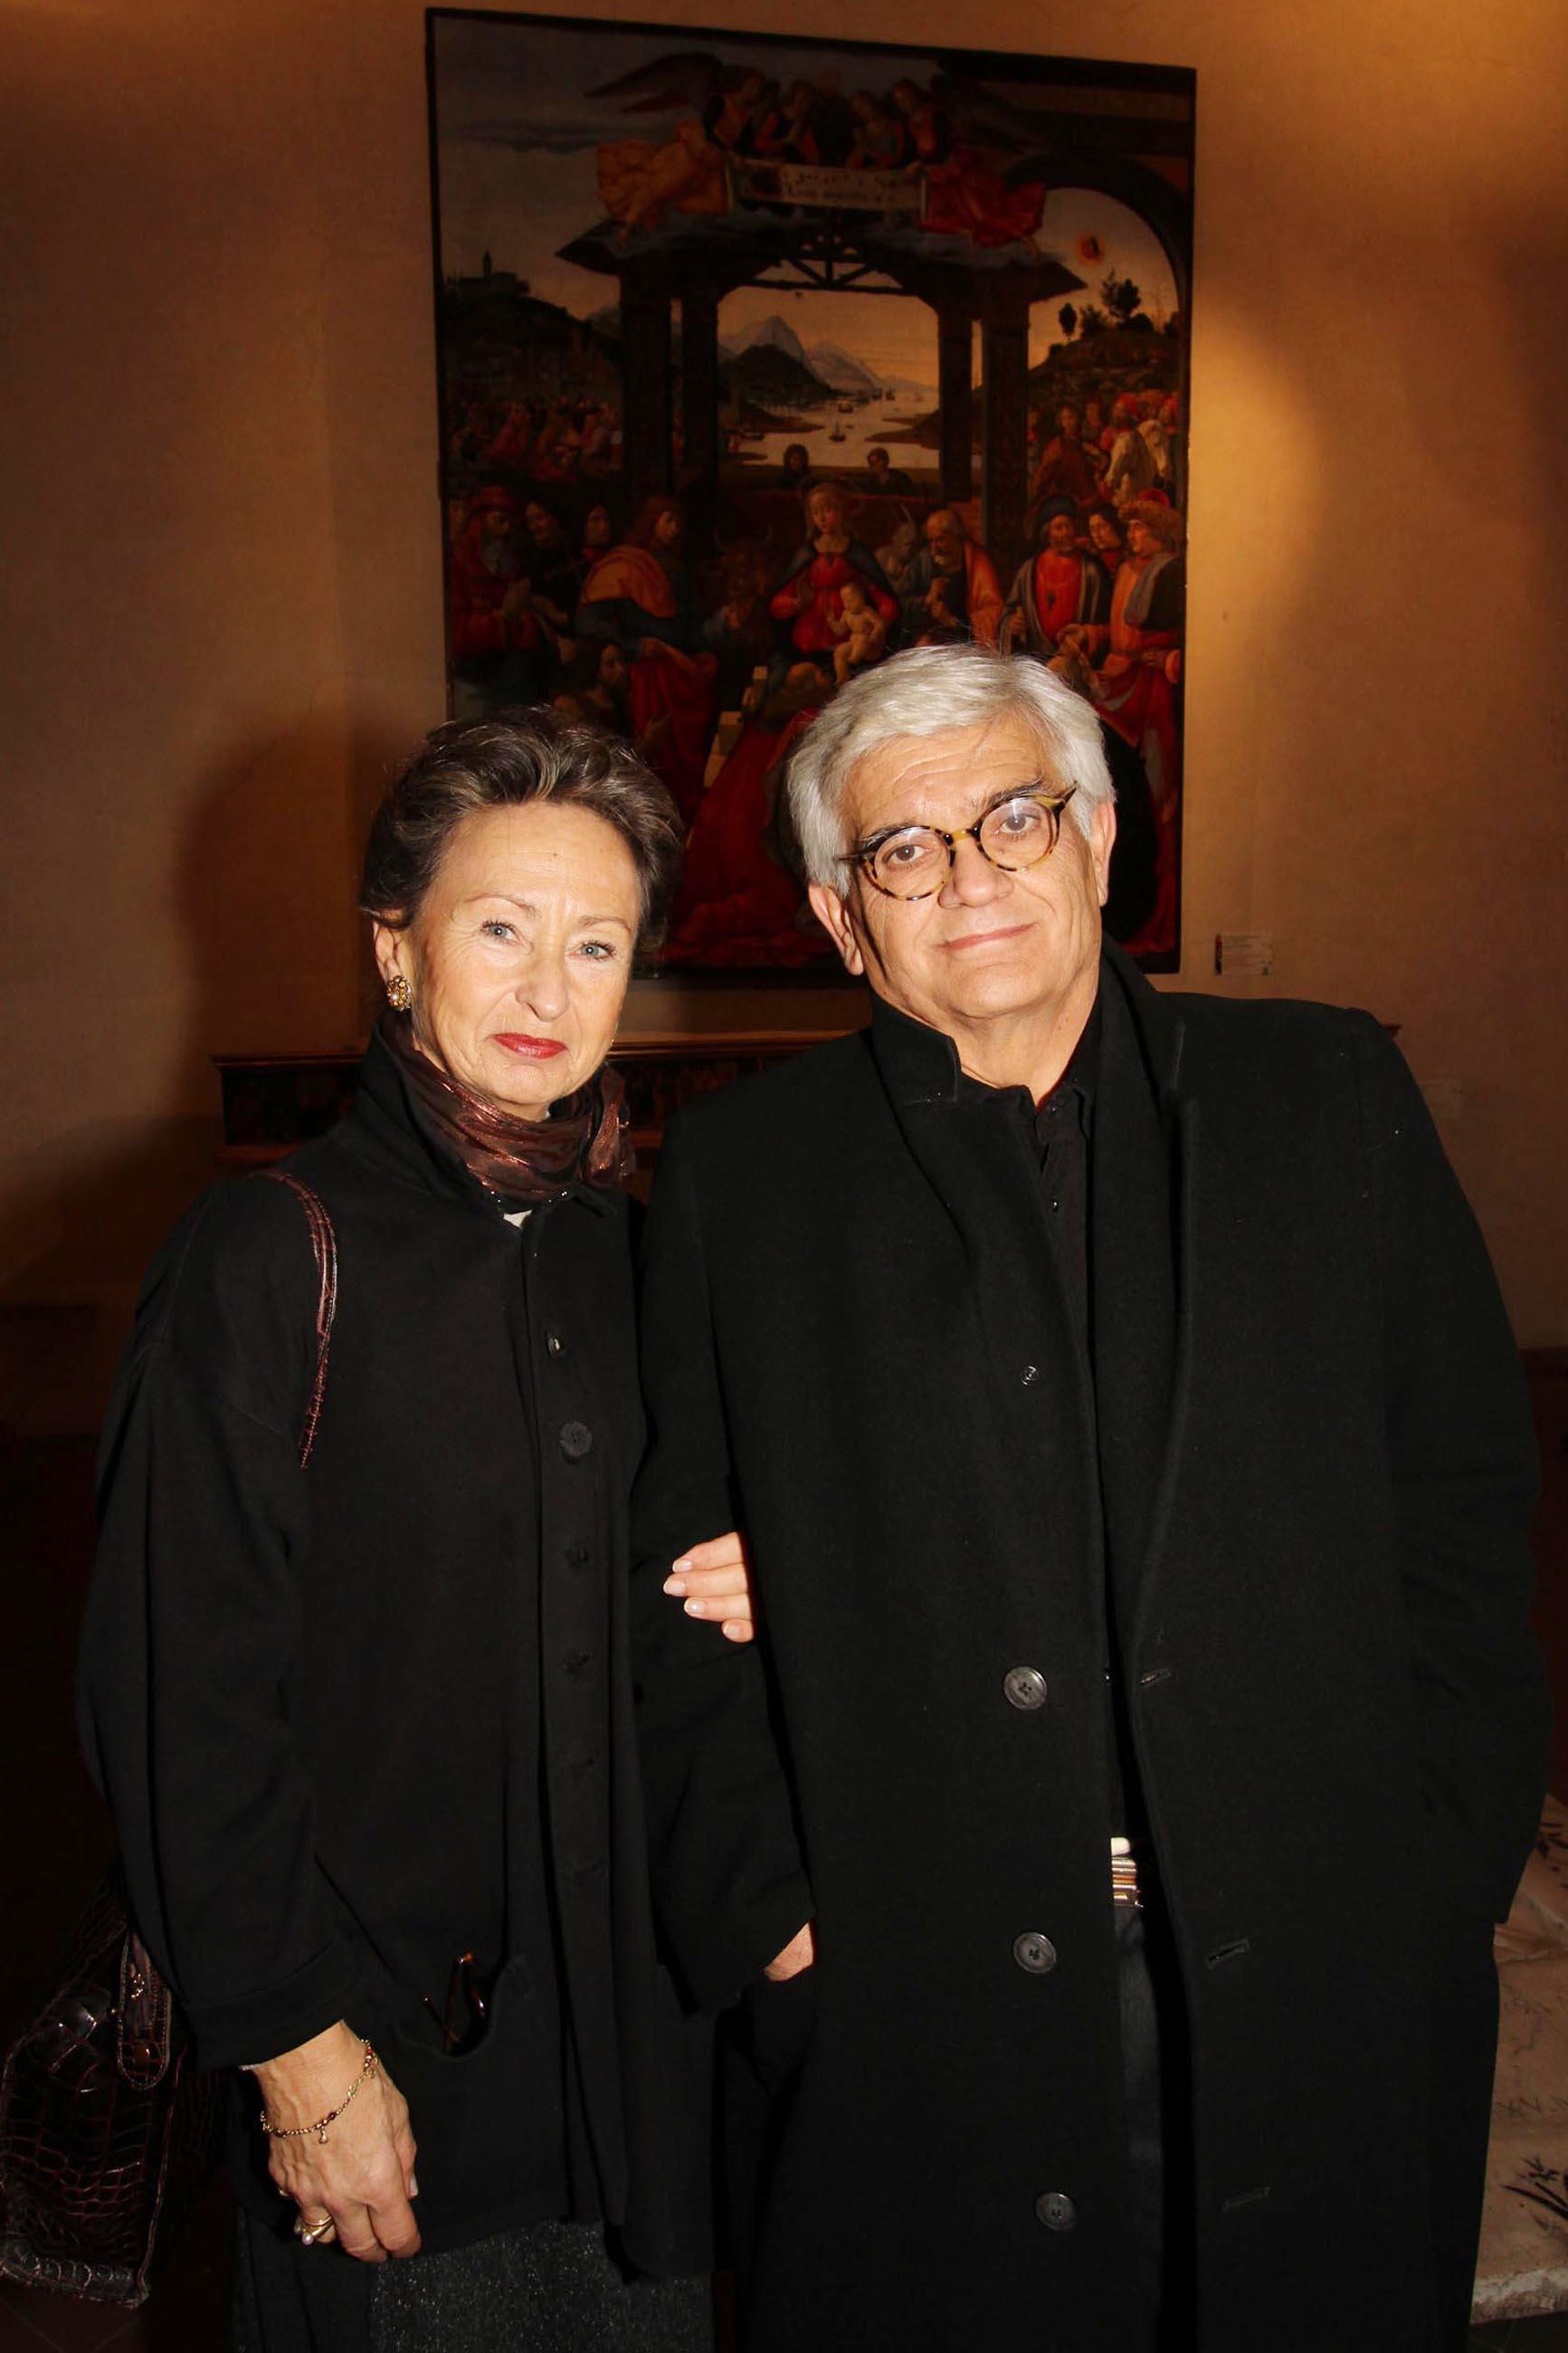 PRESSPHOTO Firenze, Asta di Gioielli d'epoca all' Istituto degli Innocenti. Nella foto Mario Spezi con la moglie Miriam